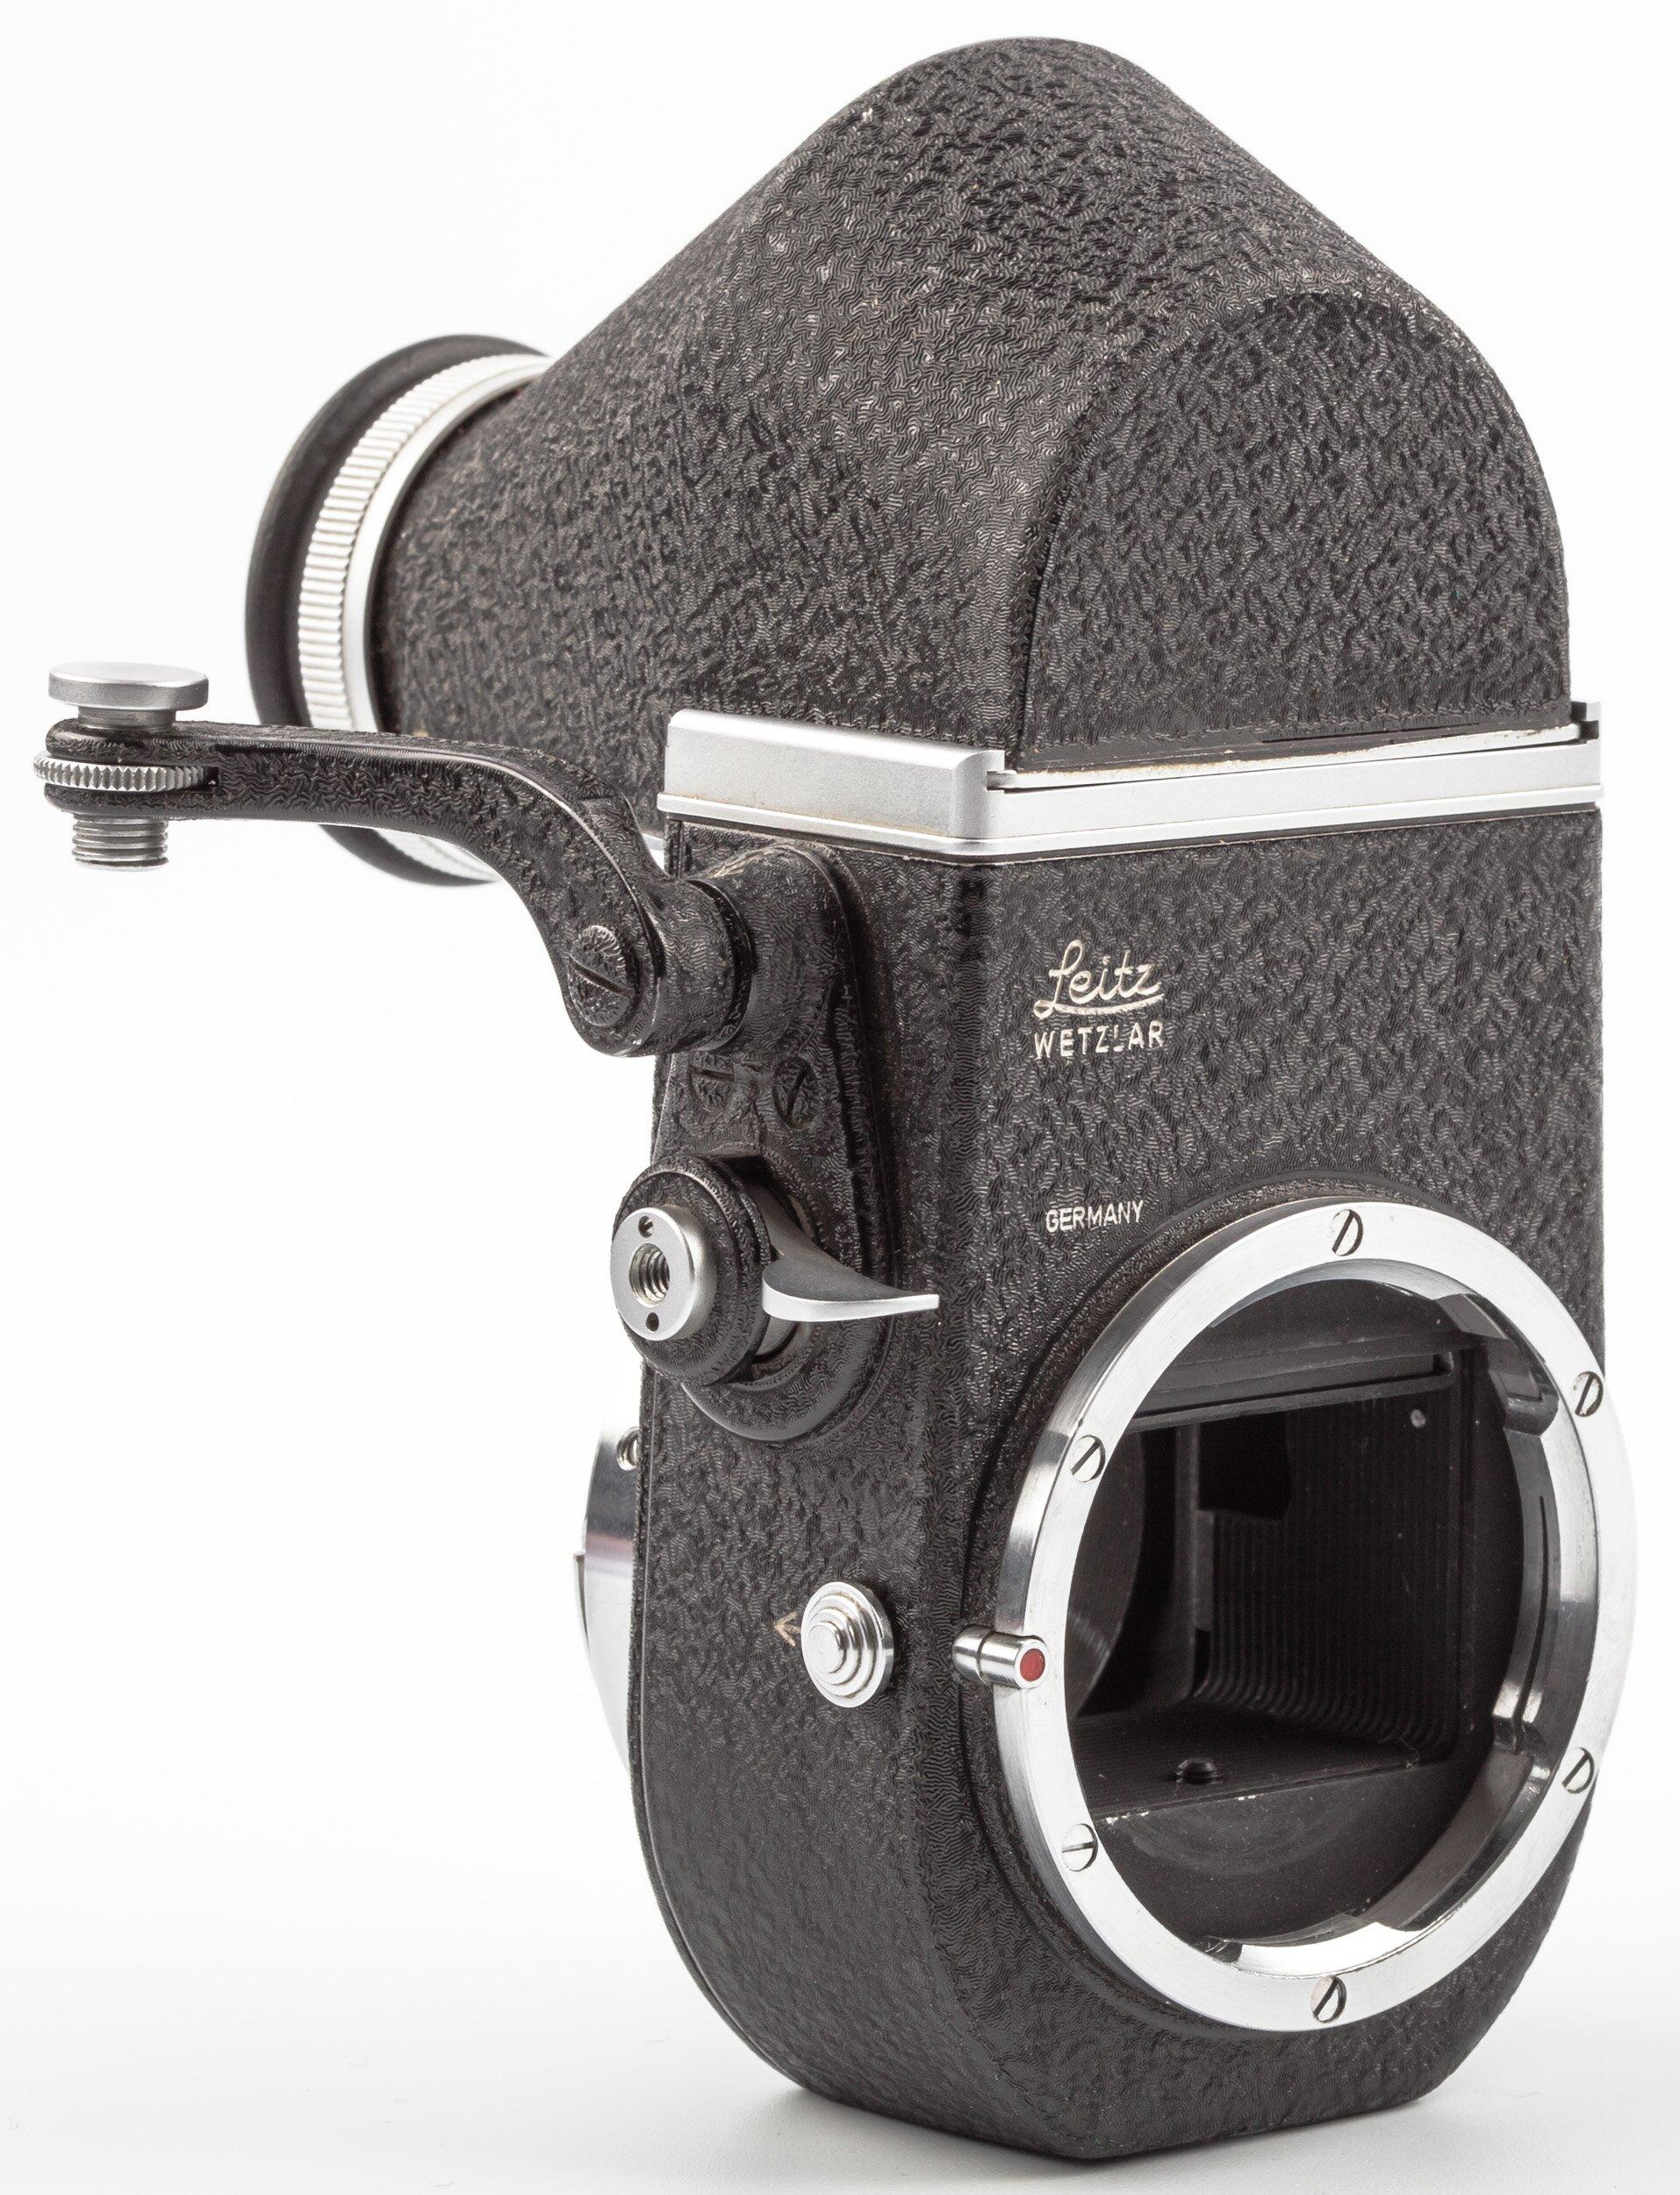 Leica Visoflex II with OTXBO